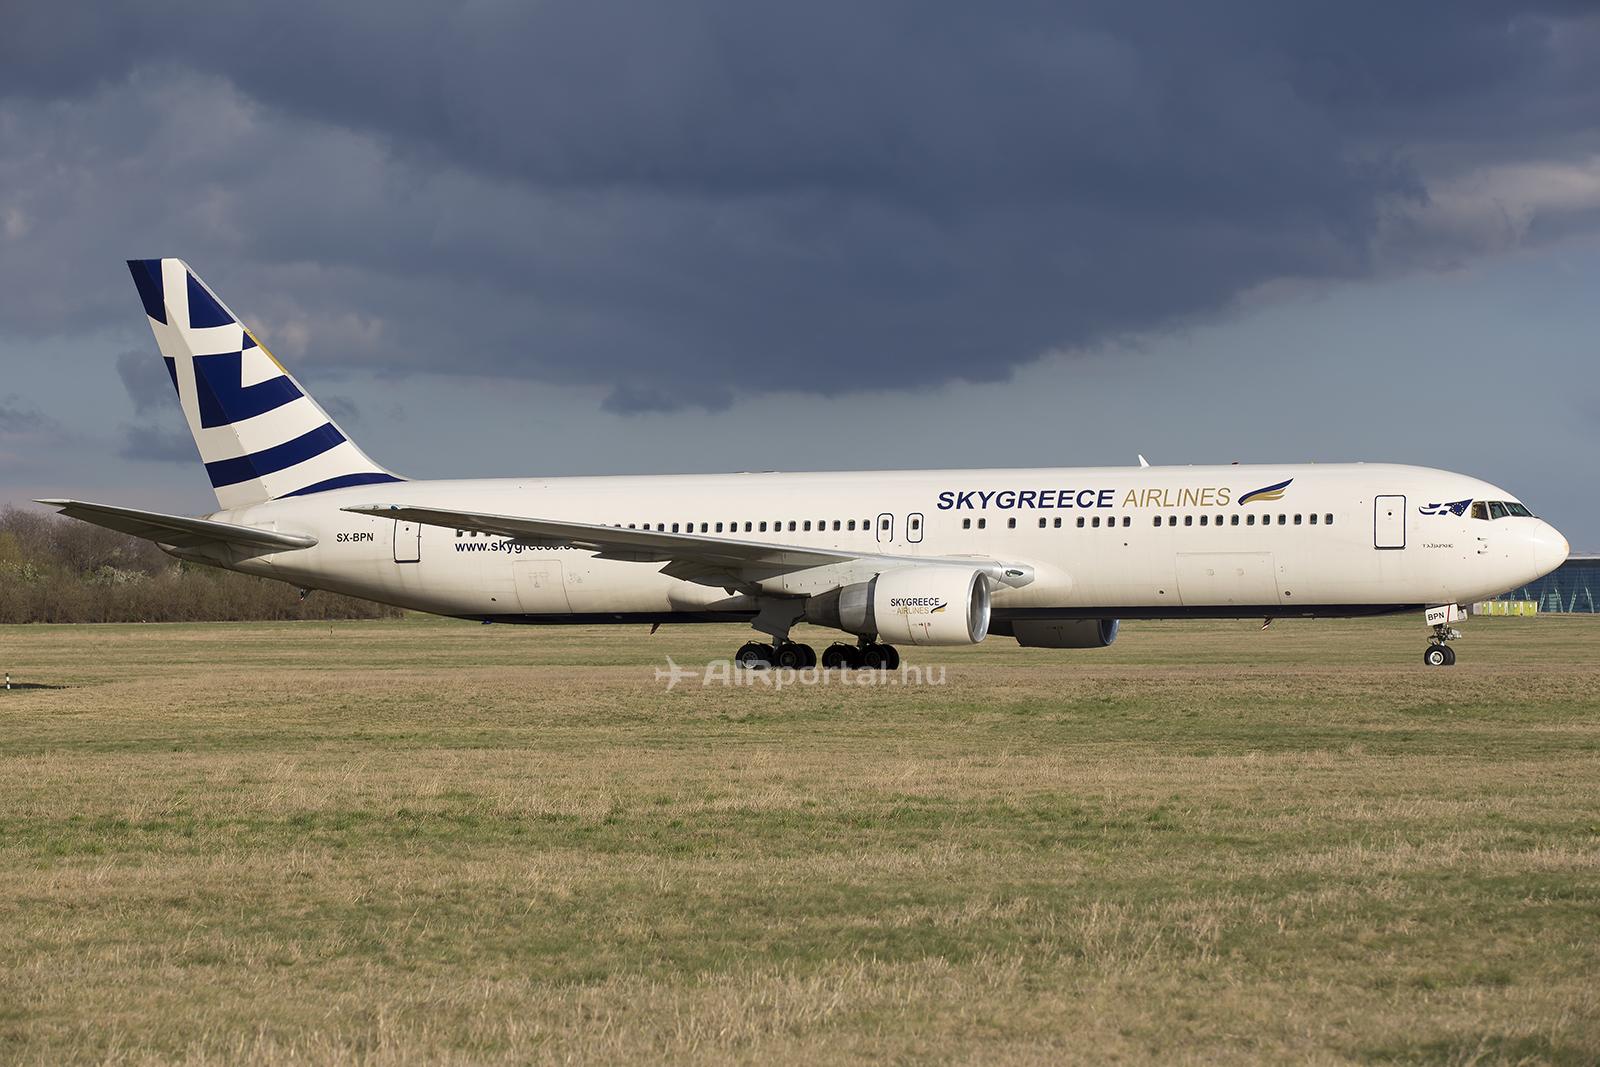 Az SX-BPN lajstromjelű Boeing 767-300-as repülőgép pénteken érkezett Ferihegyre. (Fotó: AIRportal.hu) | © AIRportal.hu